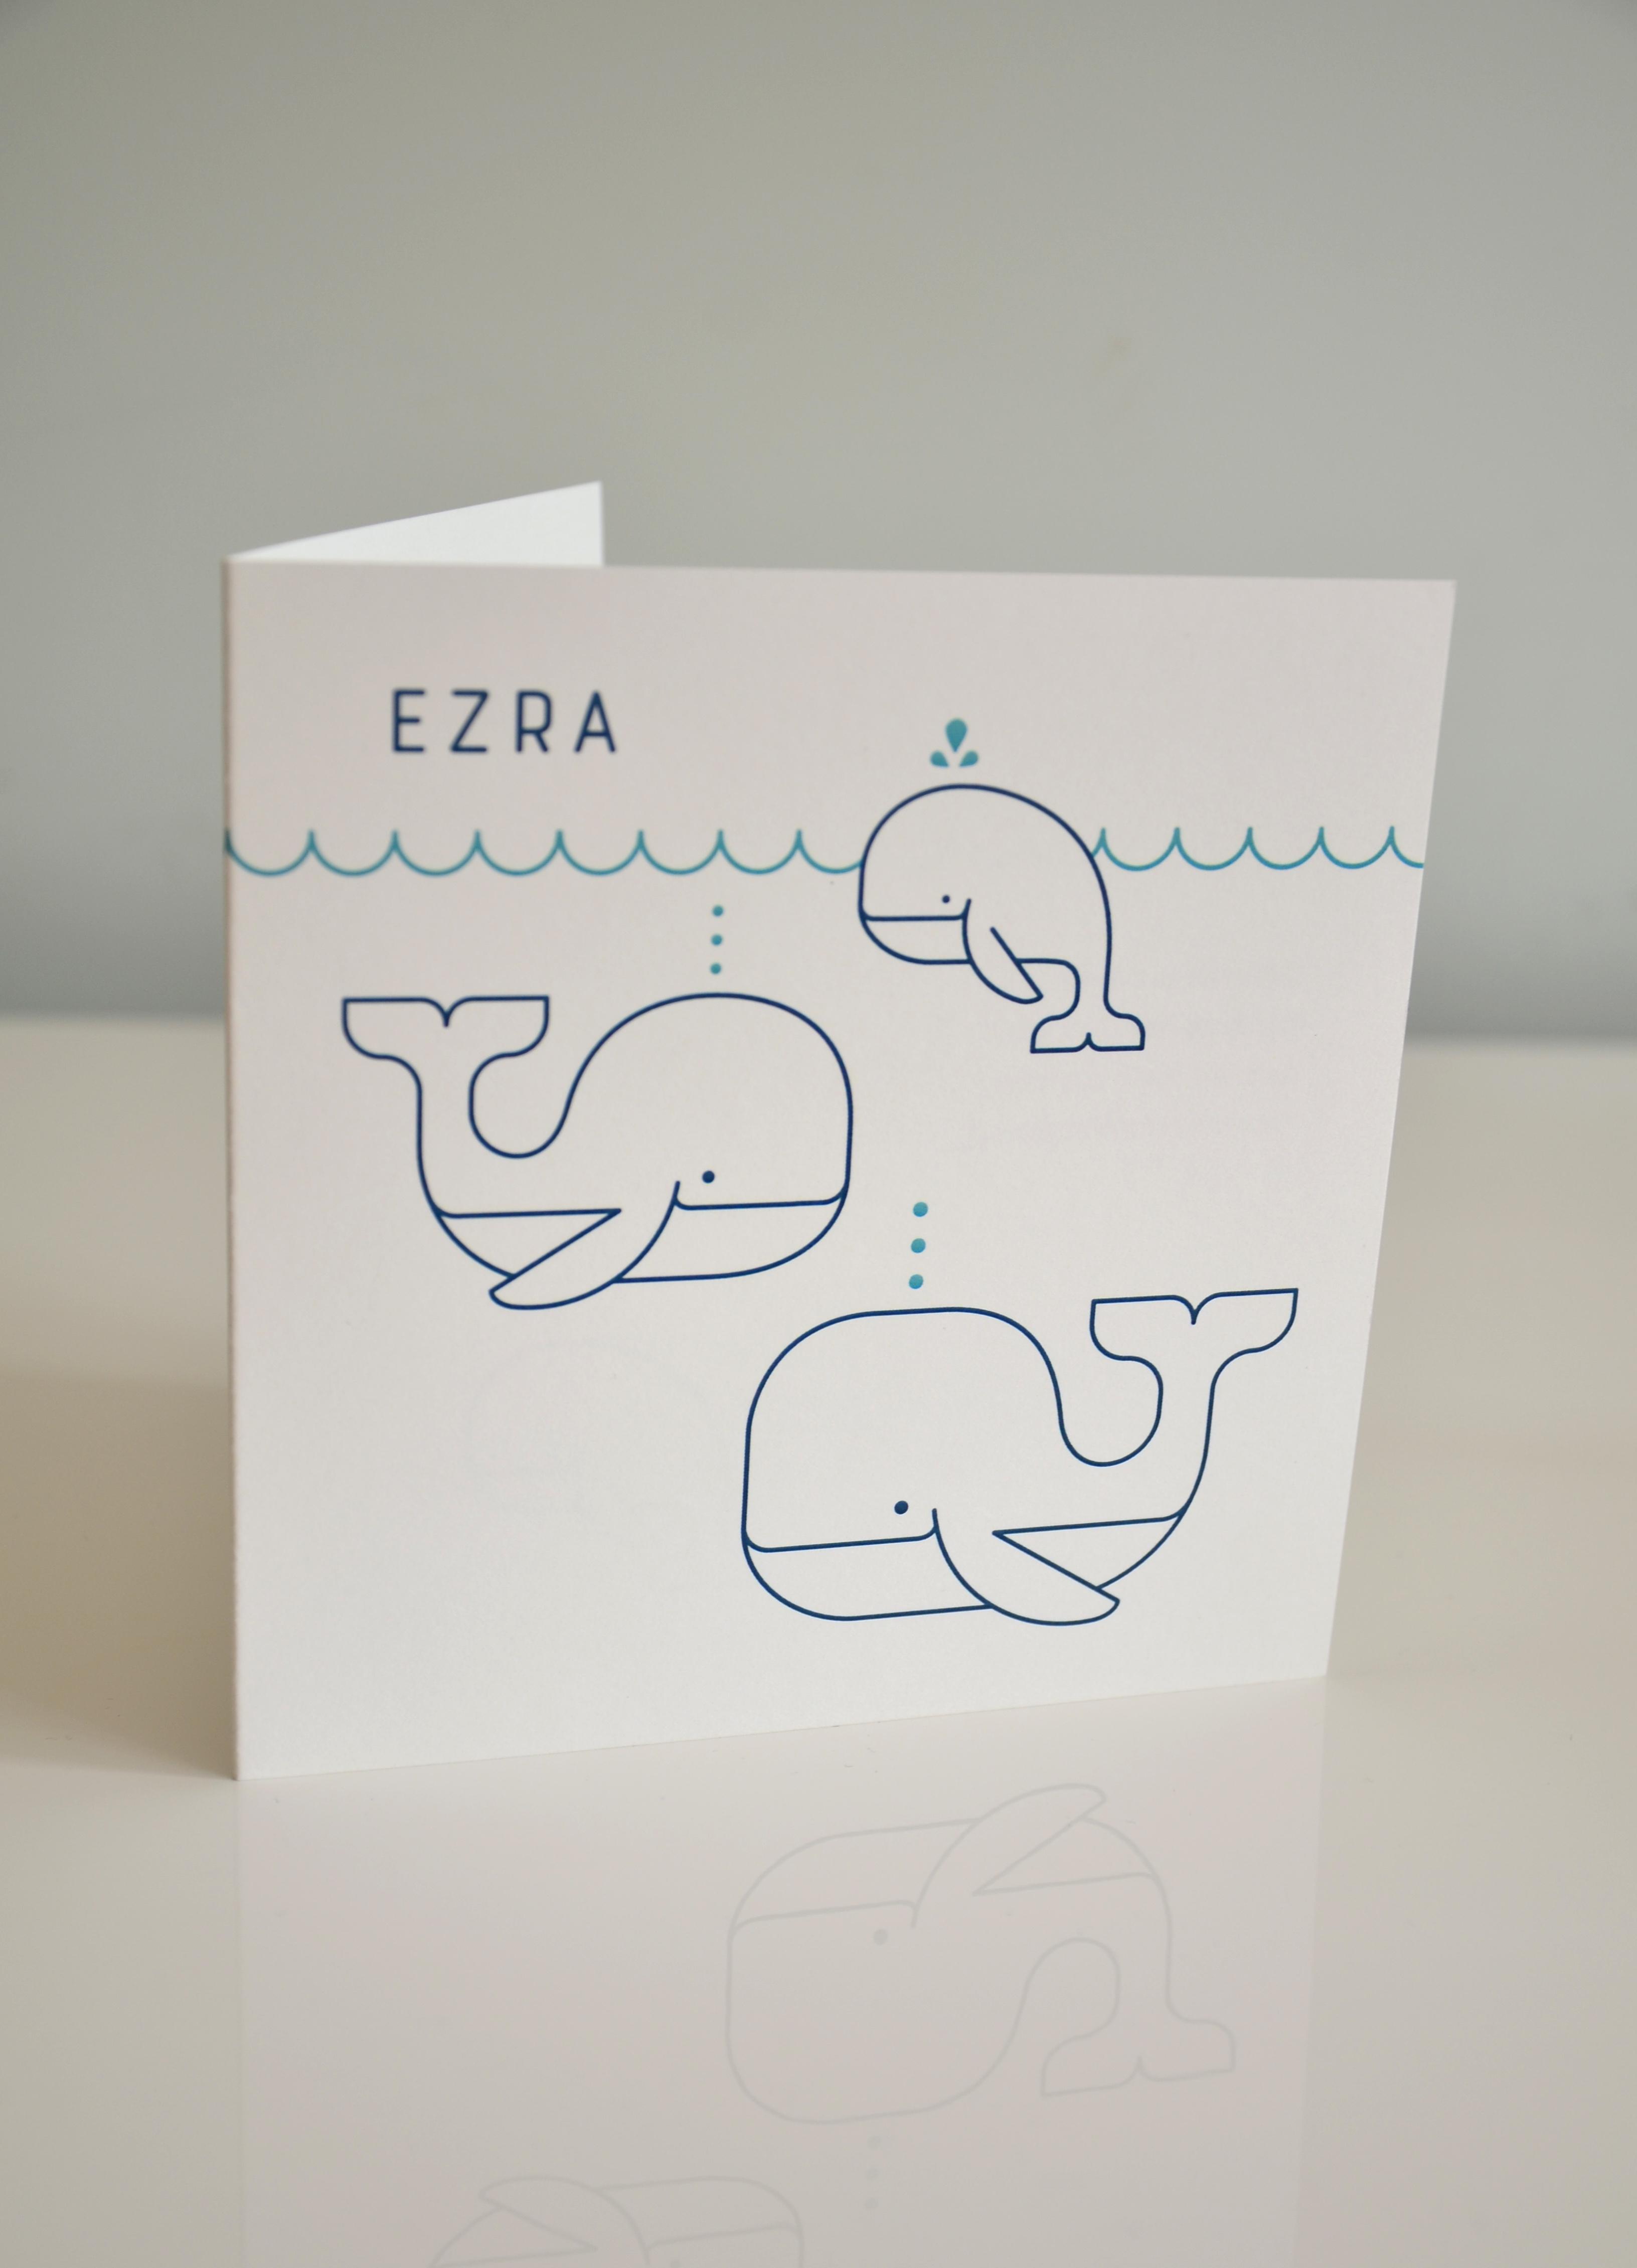 foto van kaartje - Ezra - buitenkant